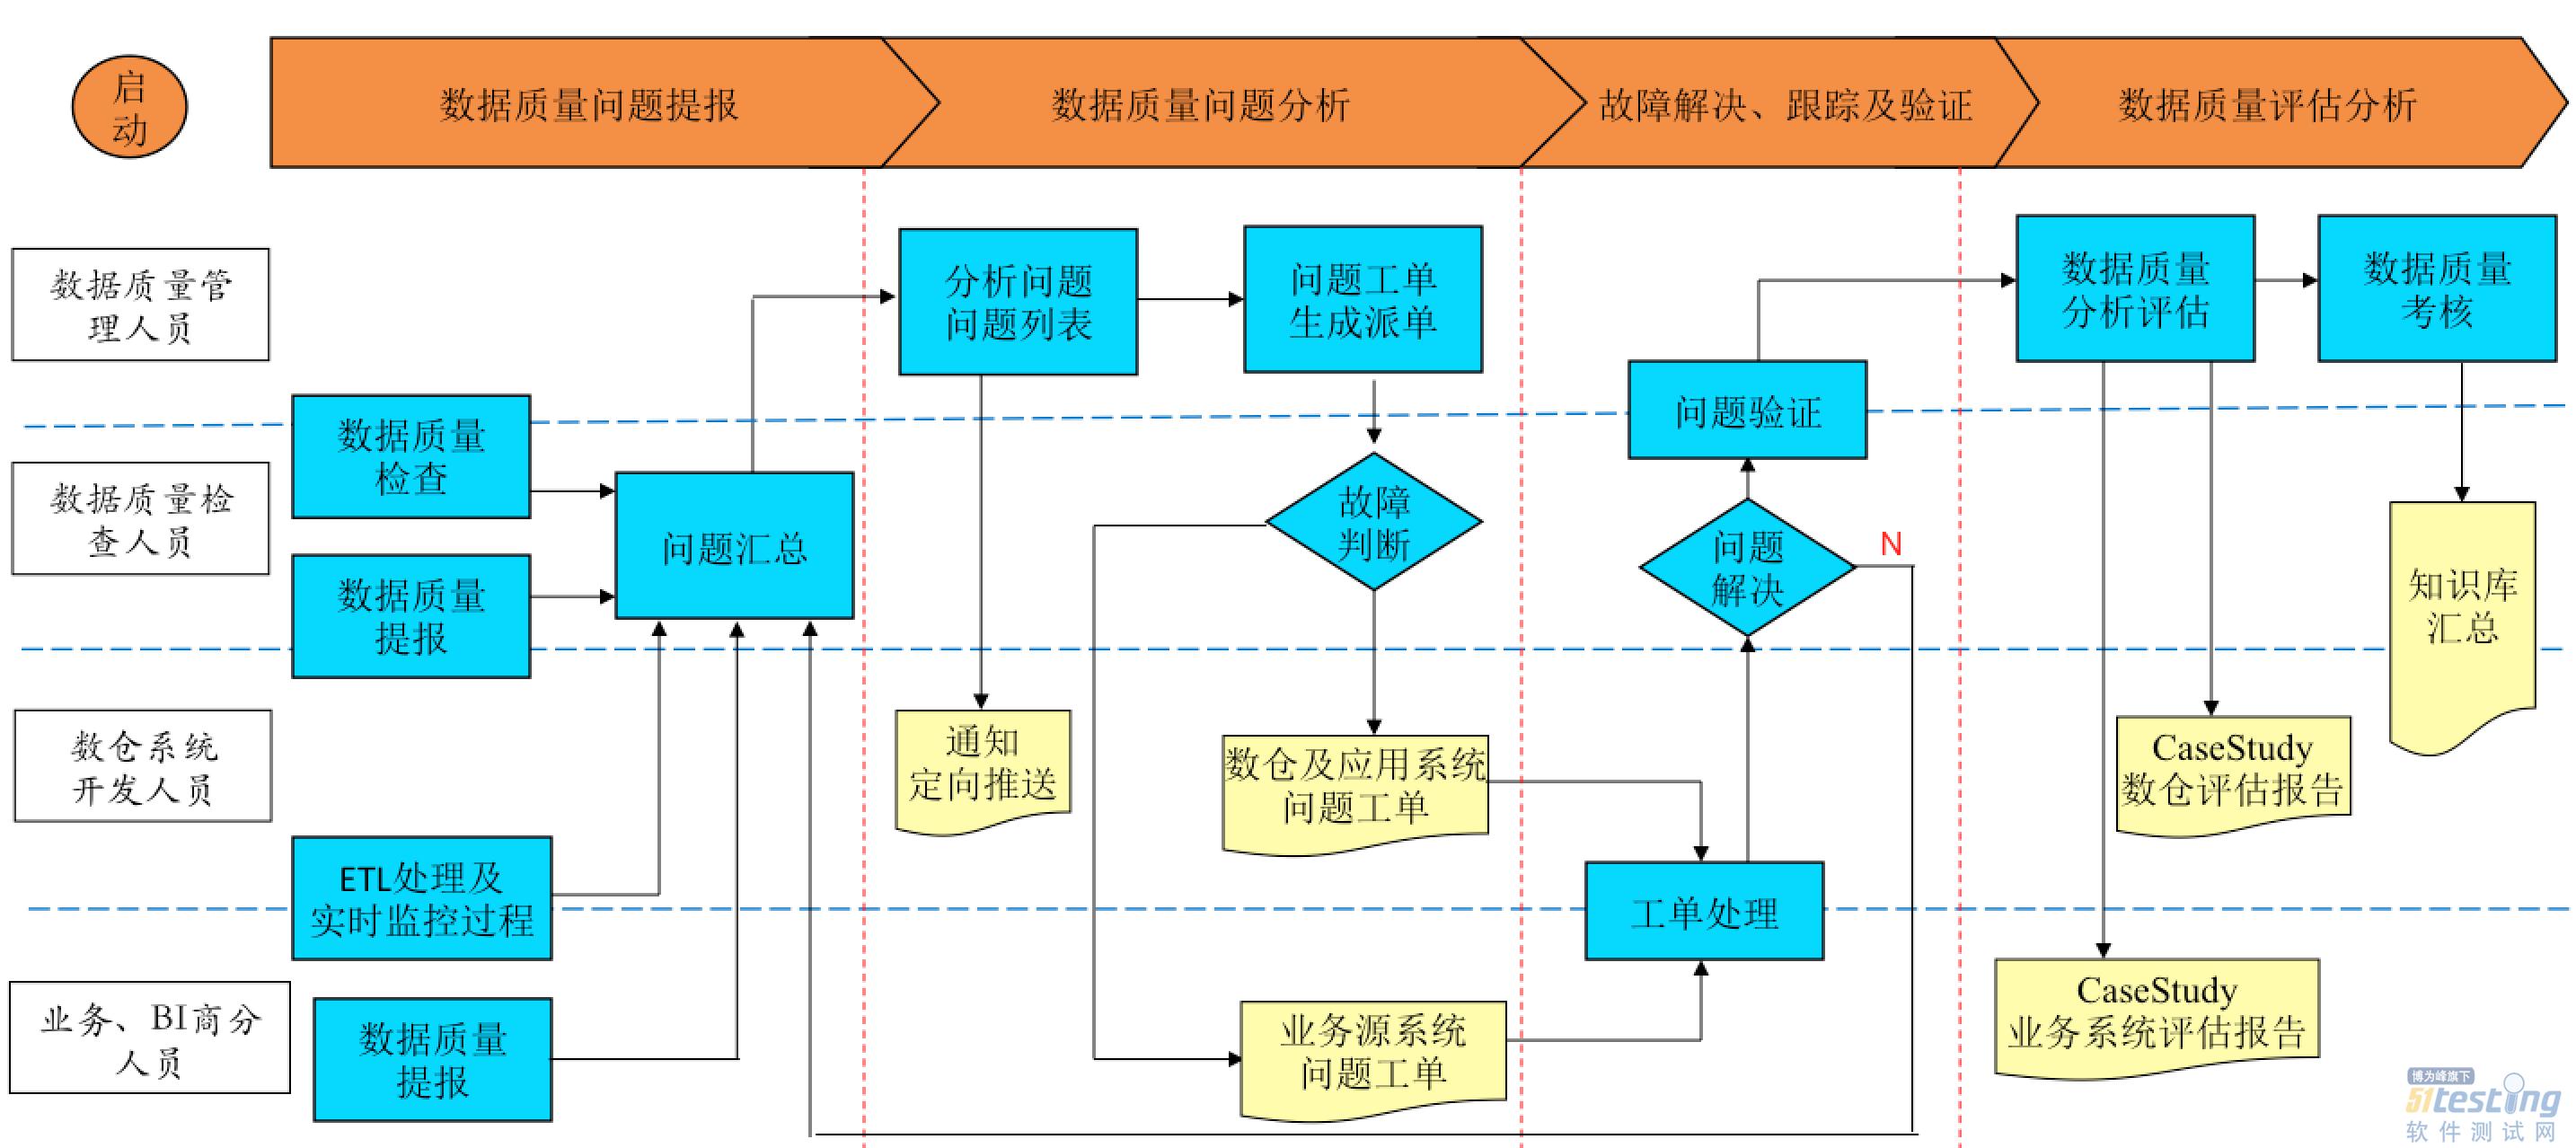 图5 数据质量流程图